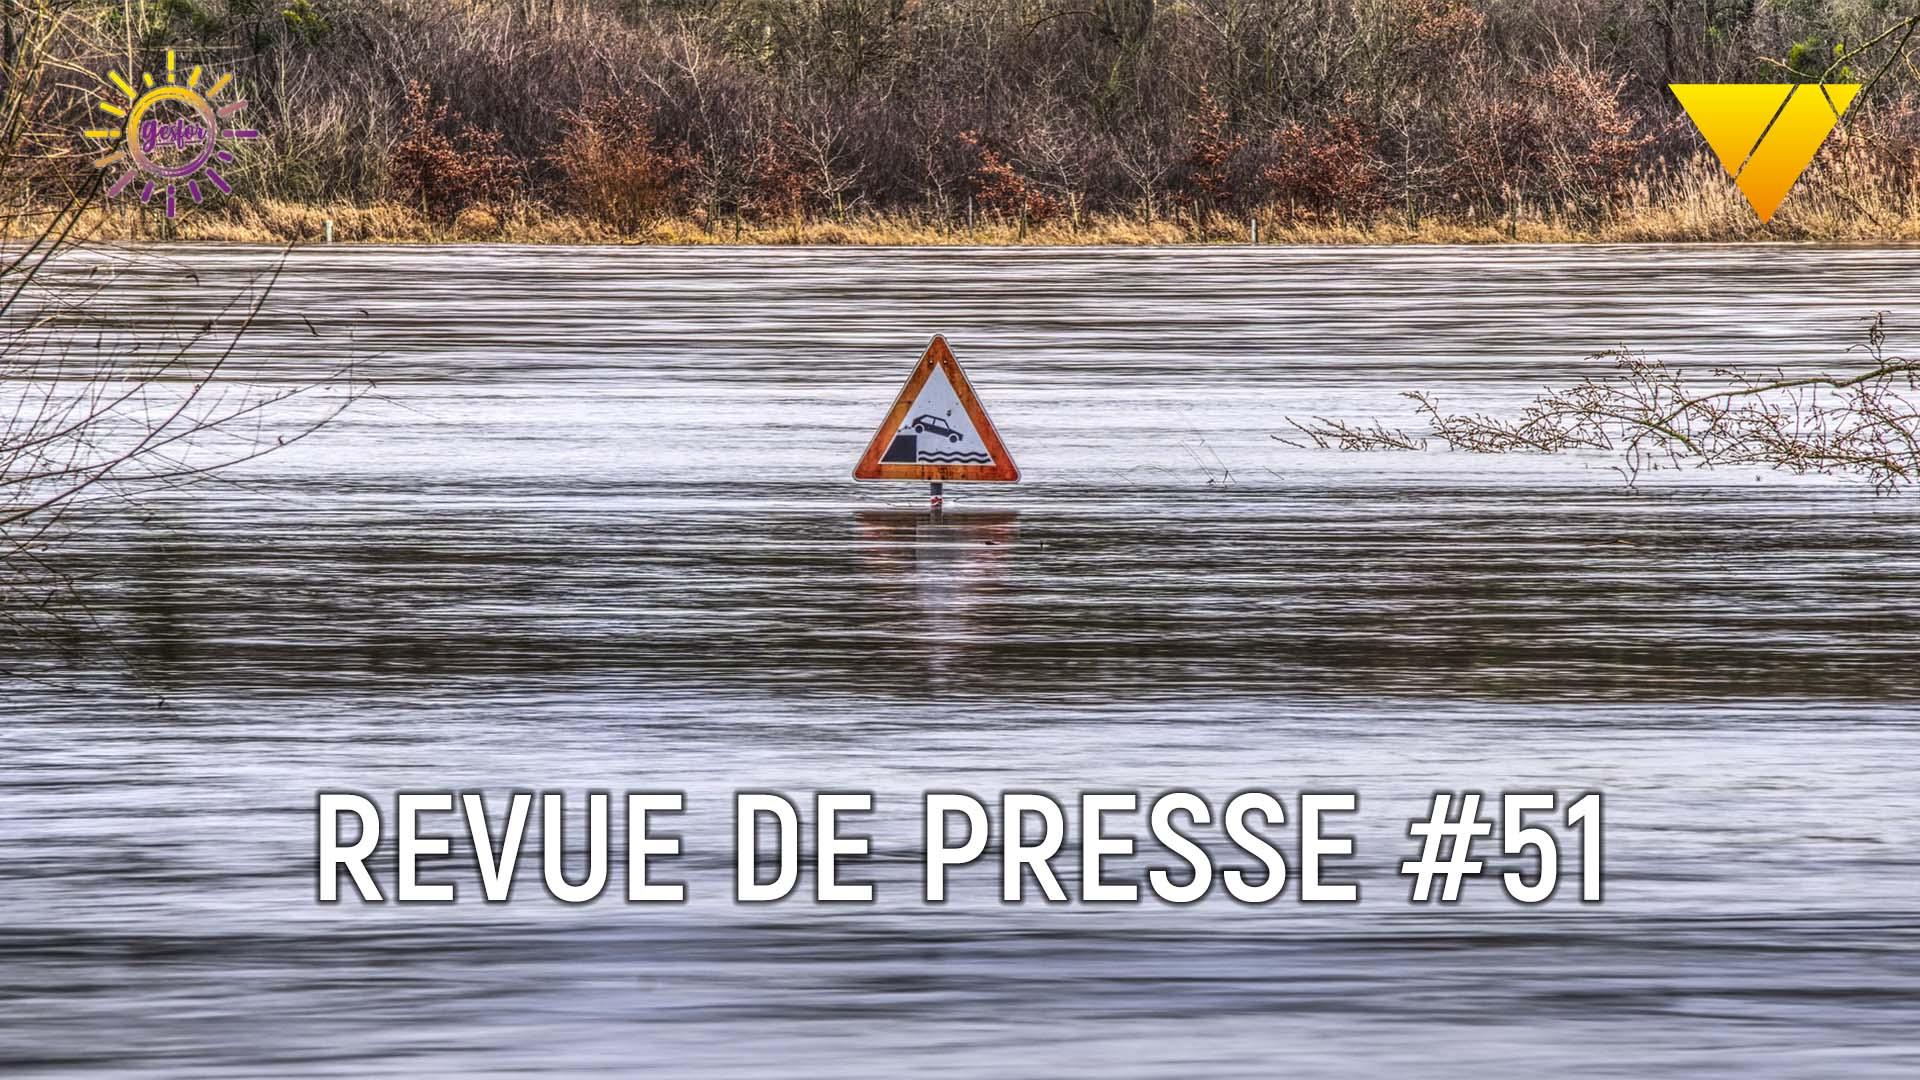 illustration de la revue de presse des accidents du travail 51 de mayday formation sur les inondations